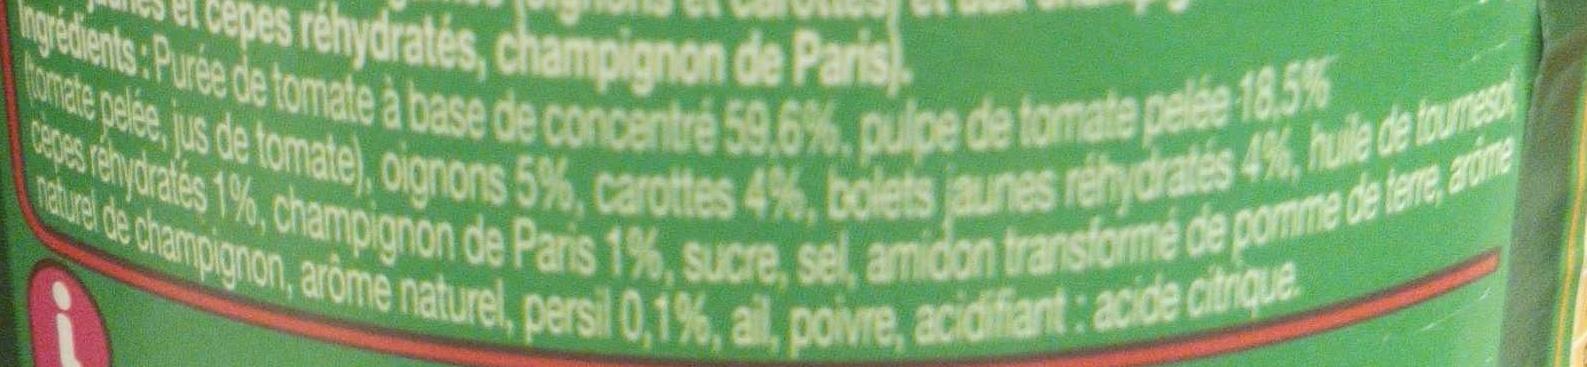 Pasta sauce, Forestière (Aux Bolets, cèpes et champignons de Paris) - Ingrédients